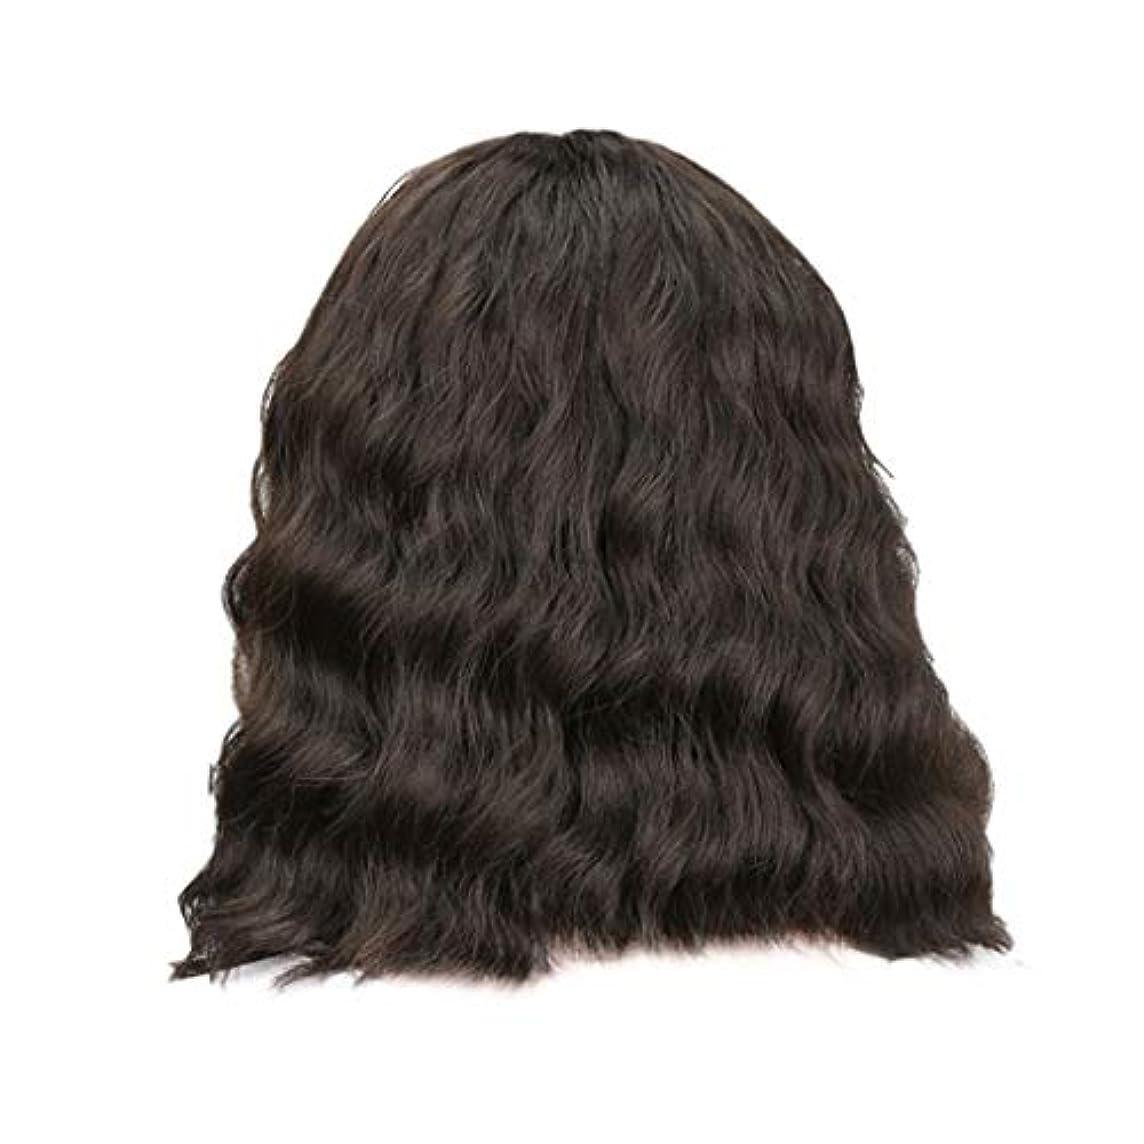 クスクスアルミニウム飢えた女性の黒の短い巻き毛のかつらボブ波かつらローズネット34 cm